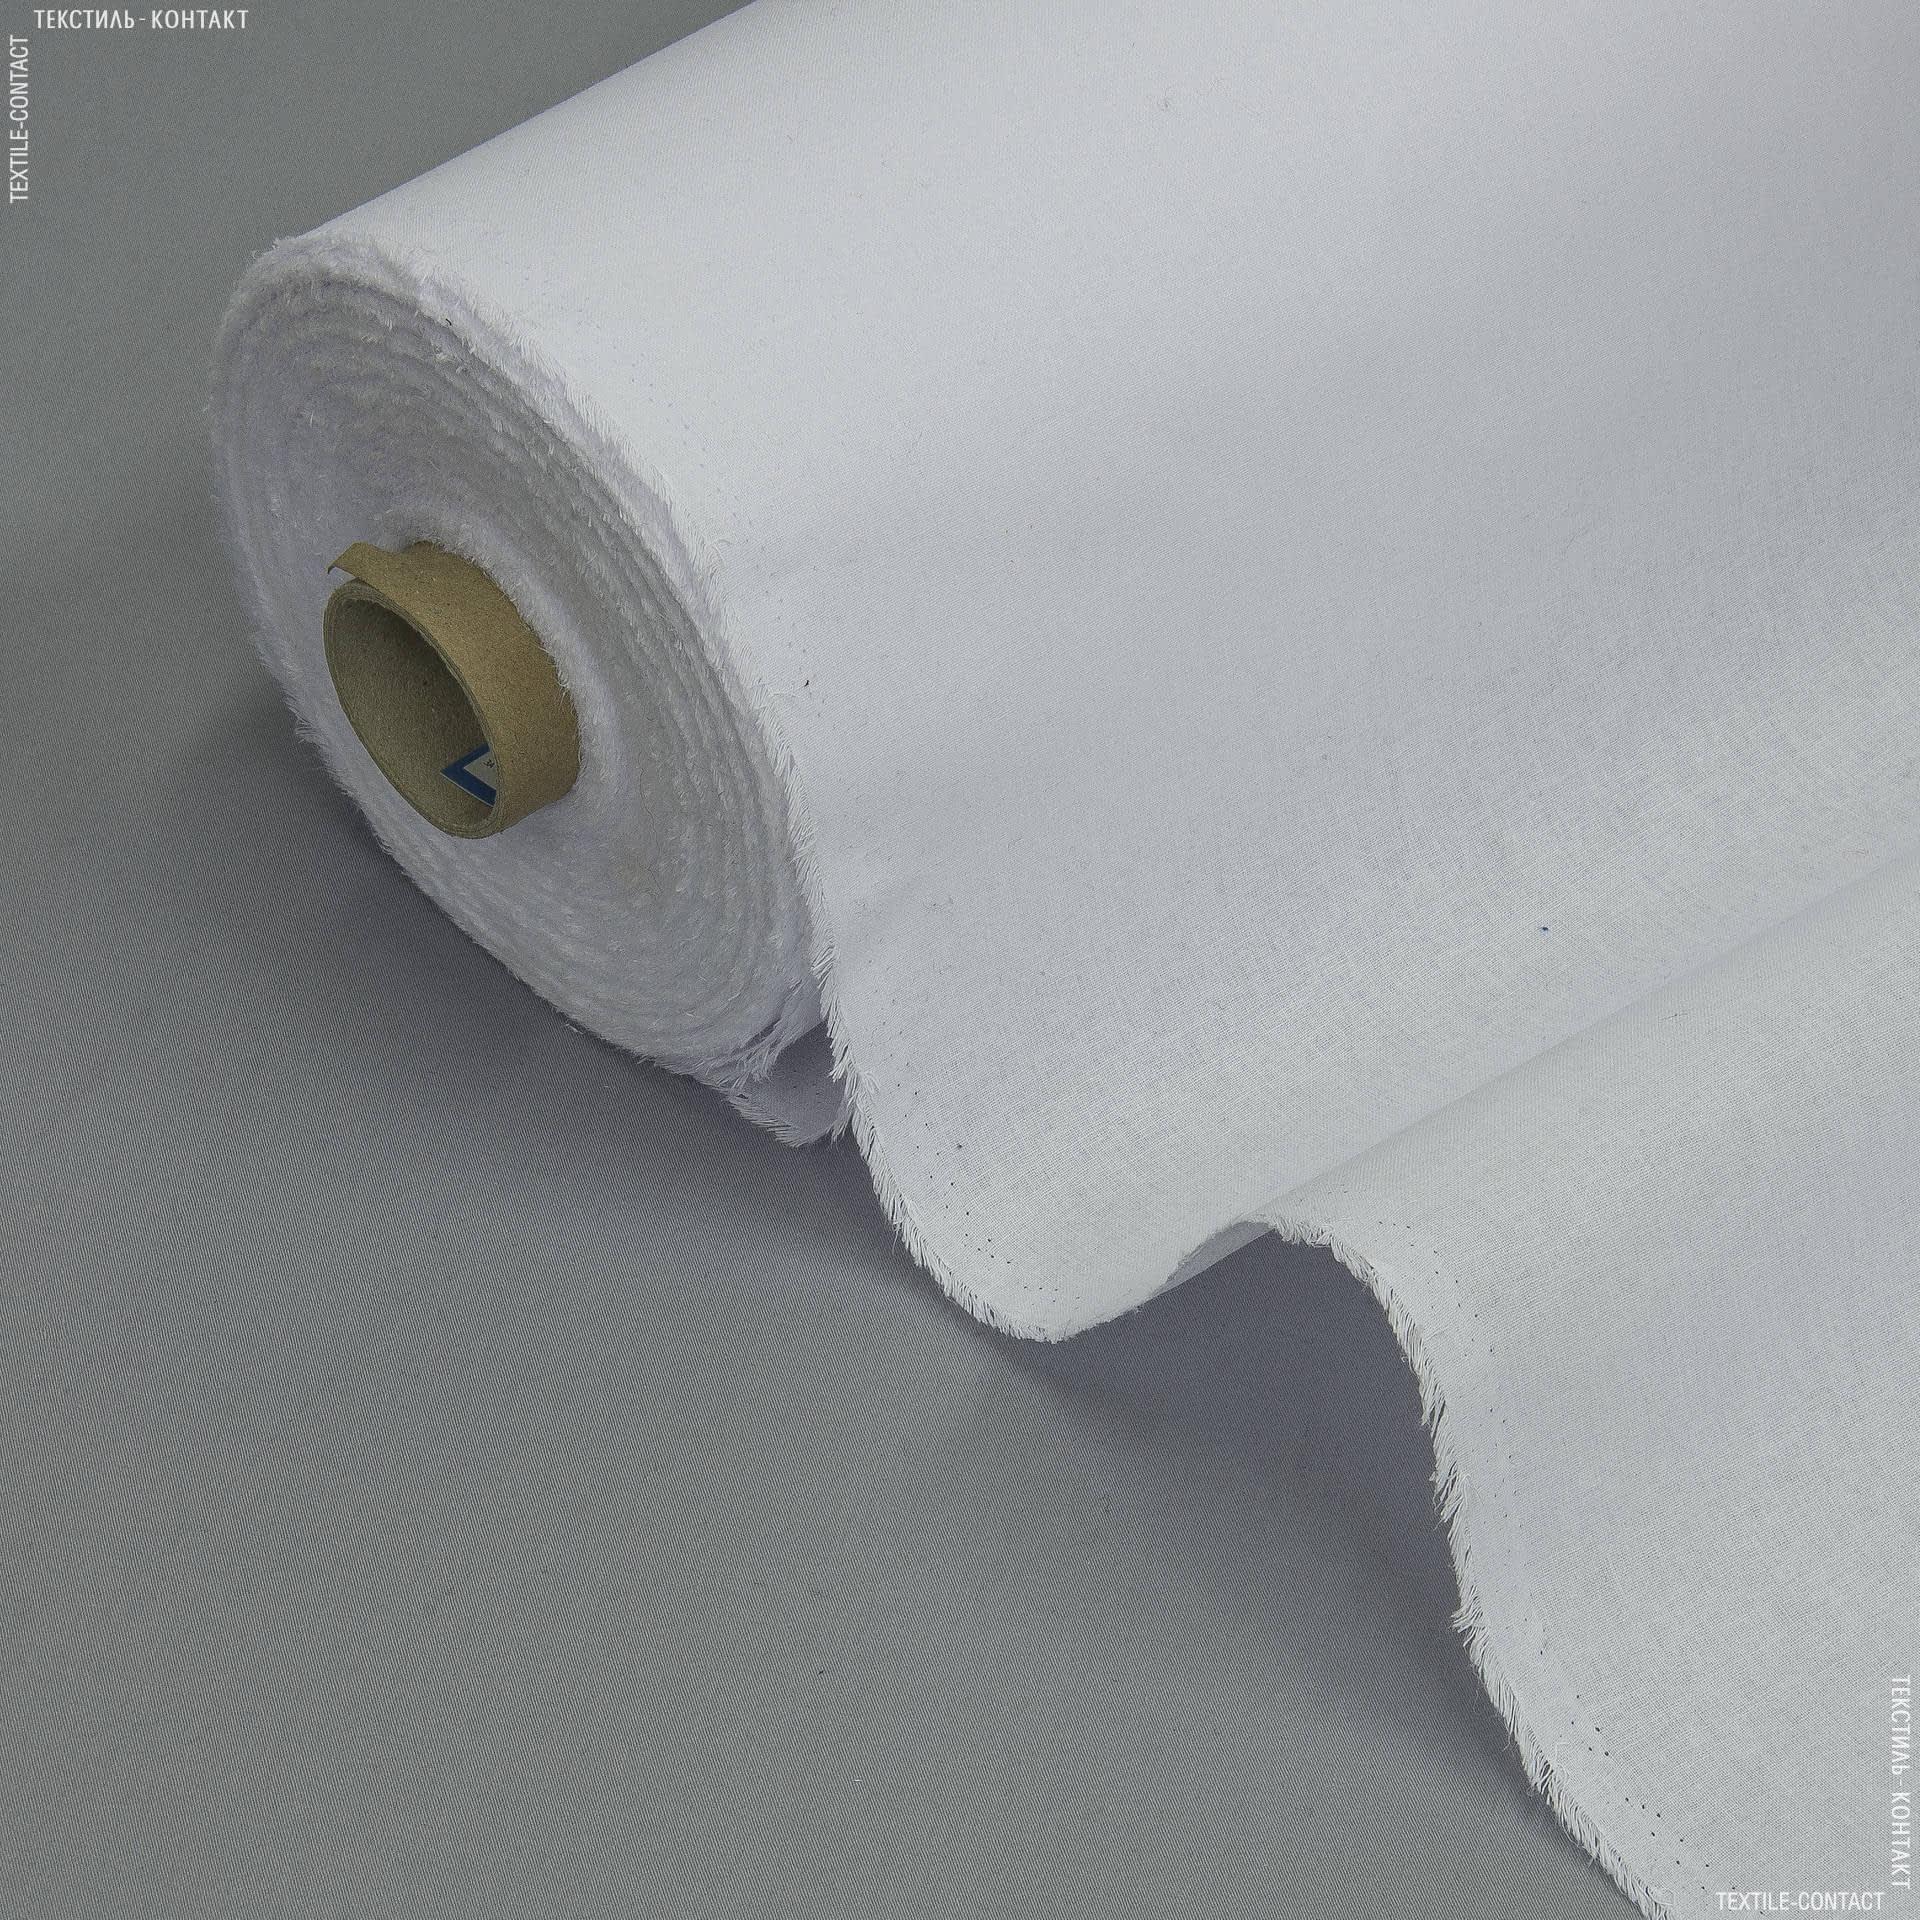 Тканини дублірин, флізелін - Бязь клейова білий 150г/м